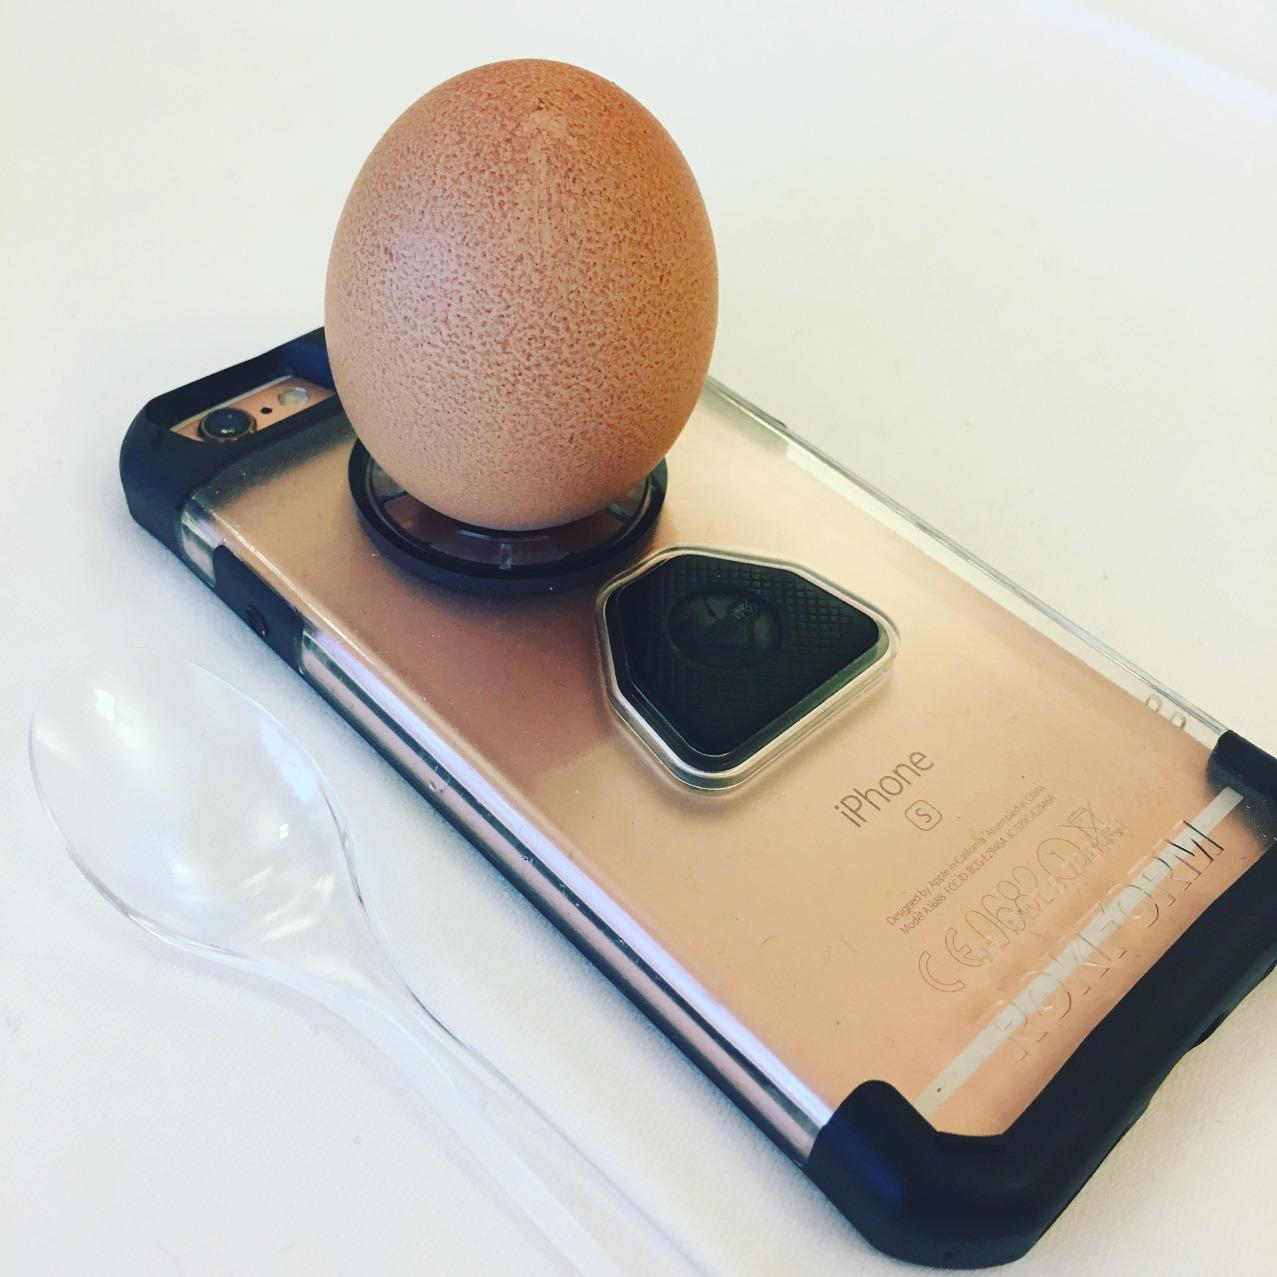 apple iphone mit rokform und ei